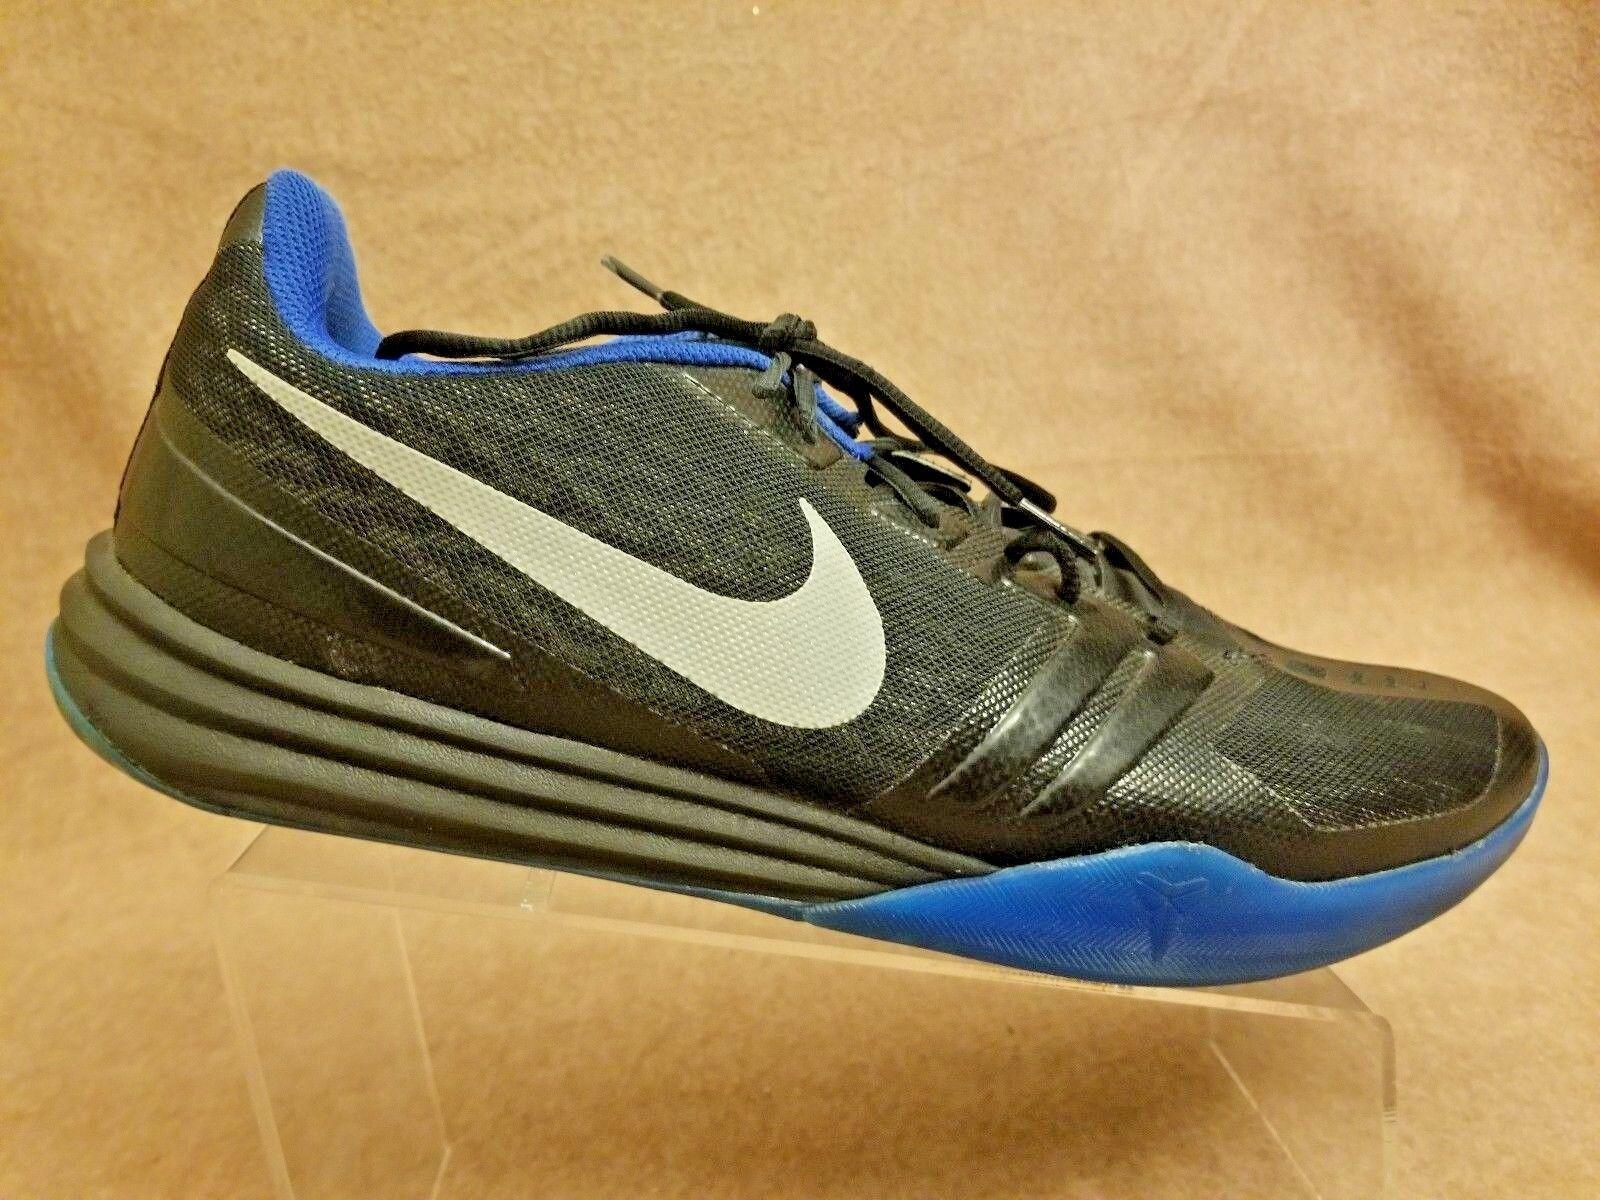 Nike Kb mentalidad Kobe 704942-005 Bryant 704942-005 Kobe hombres zapatillas de baloncesto Negro Azul 15 baratos zapatos de mujer zapatos de mujer 6b8def